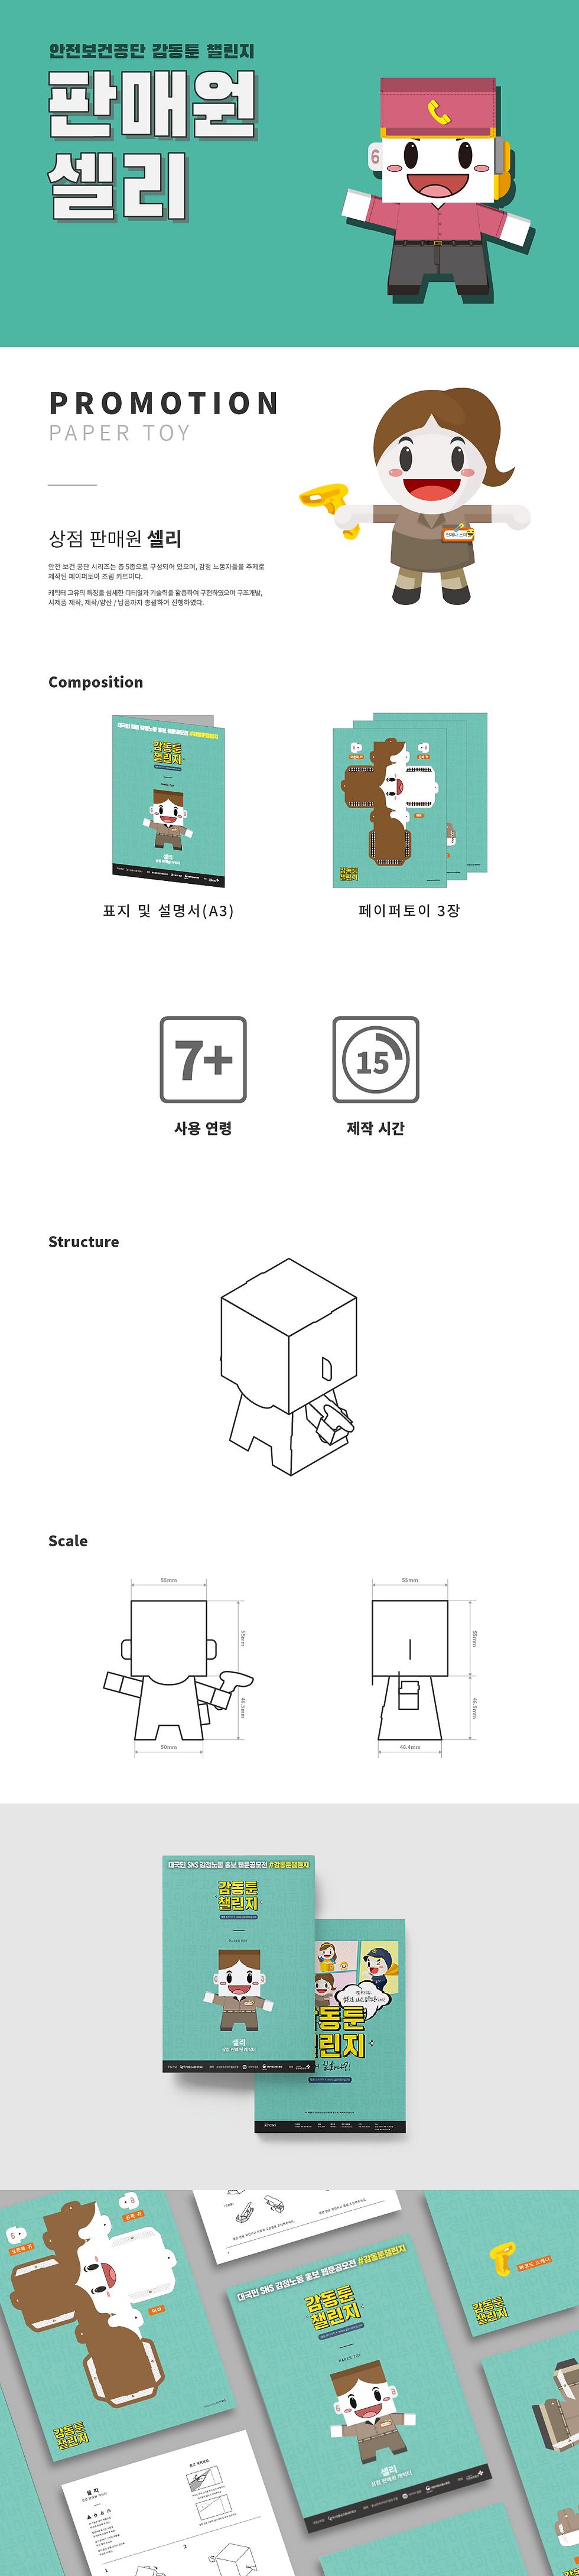 02-22. [2017] 안전보건공단_상세페이지_4.png